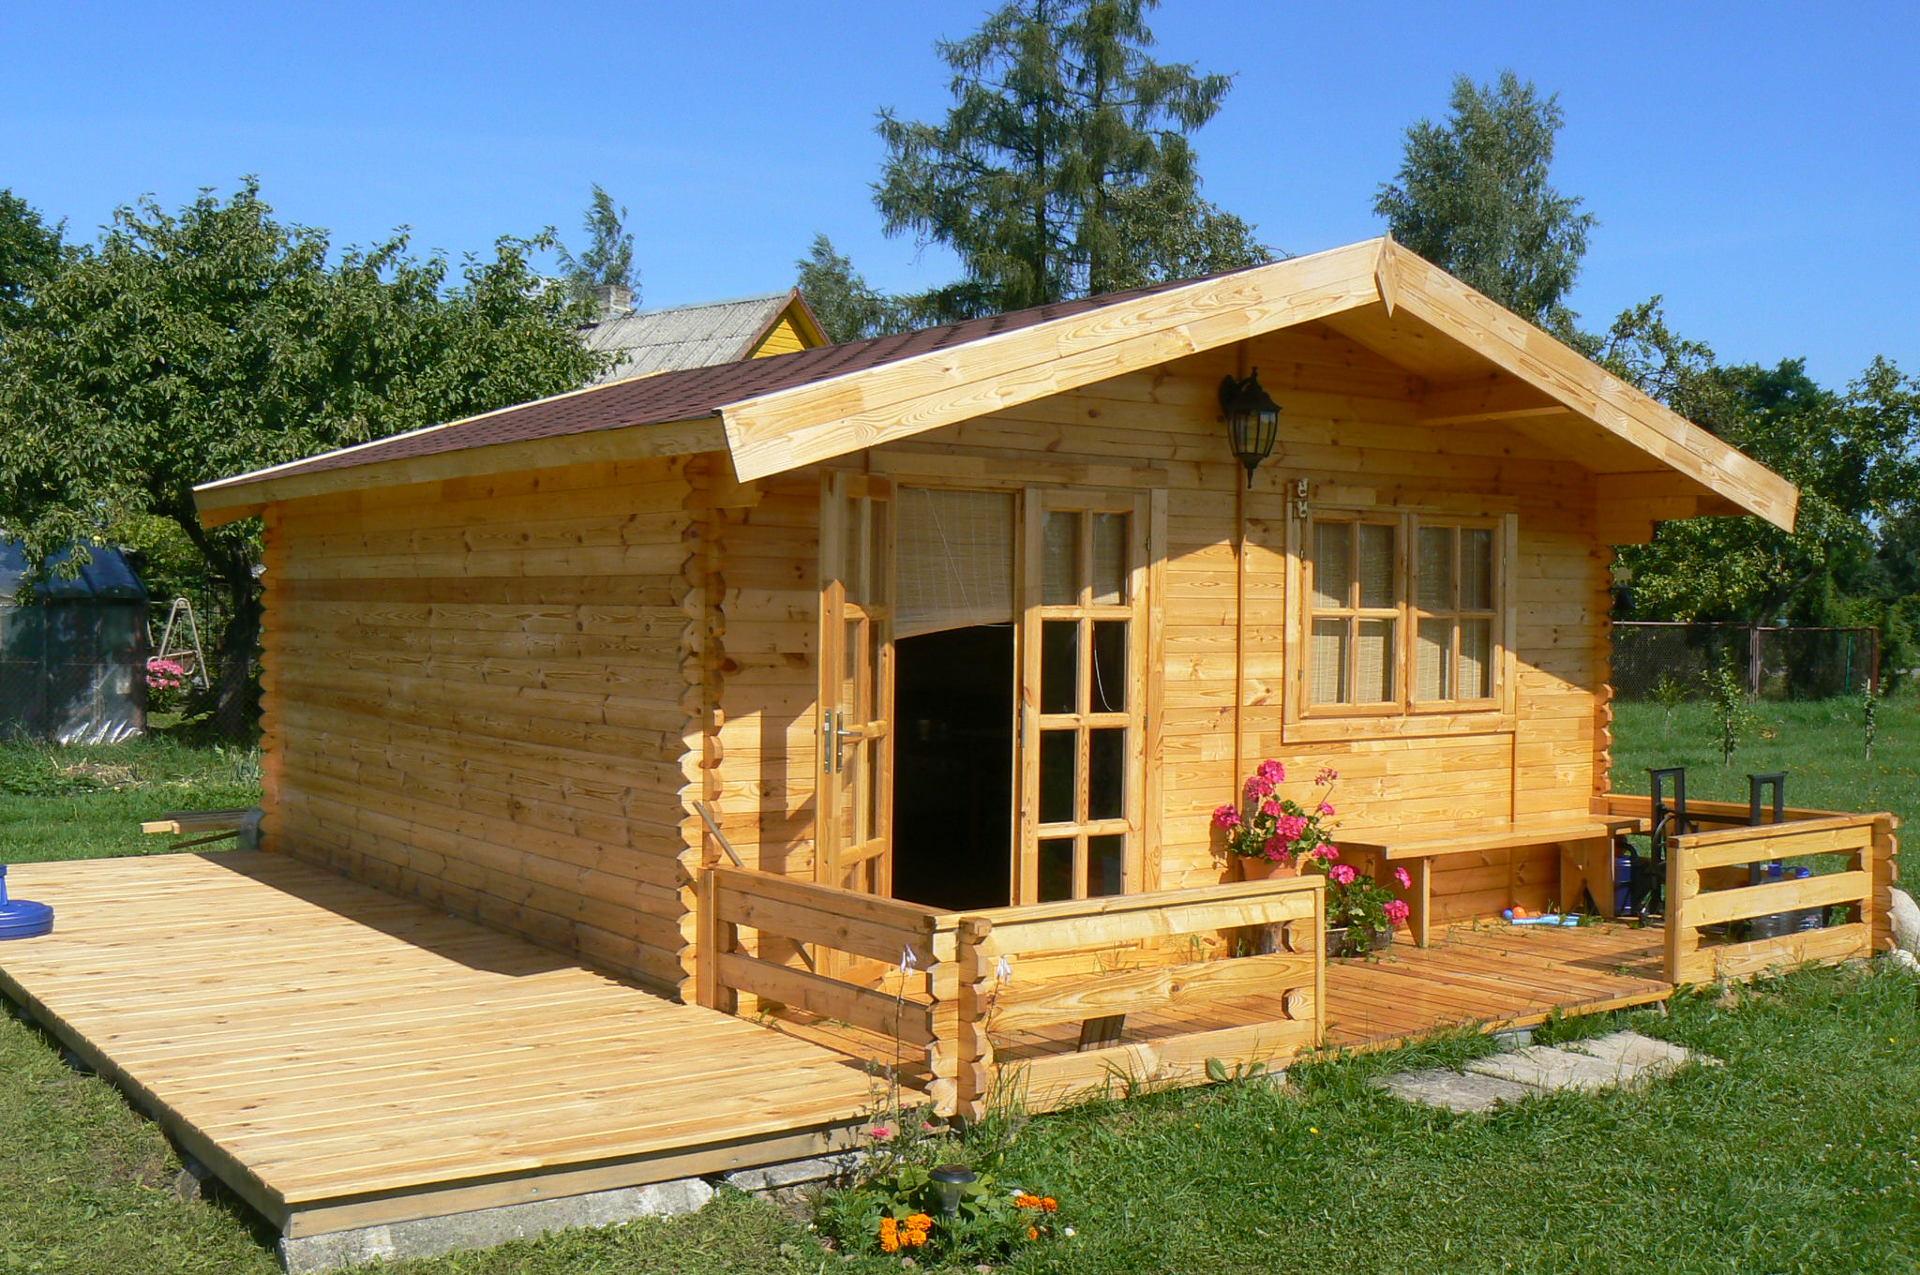 Проект дома своими руками дешево и красиво фото